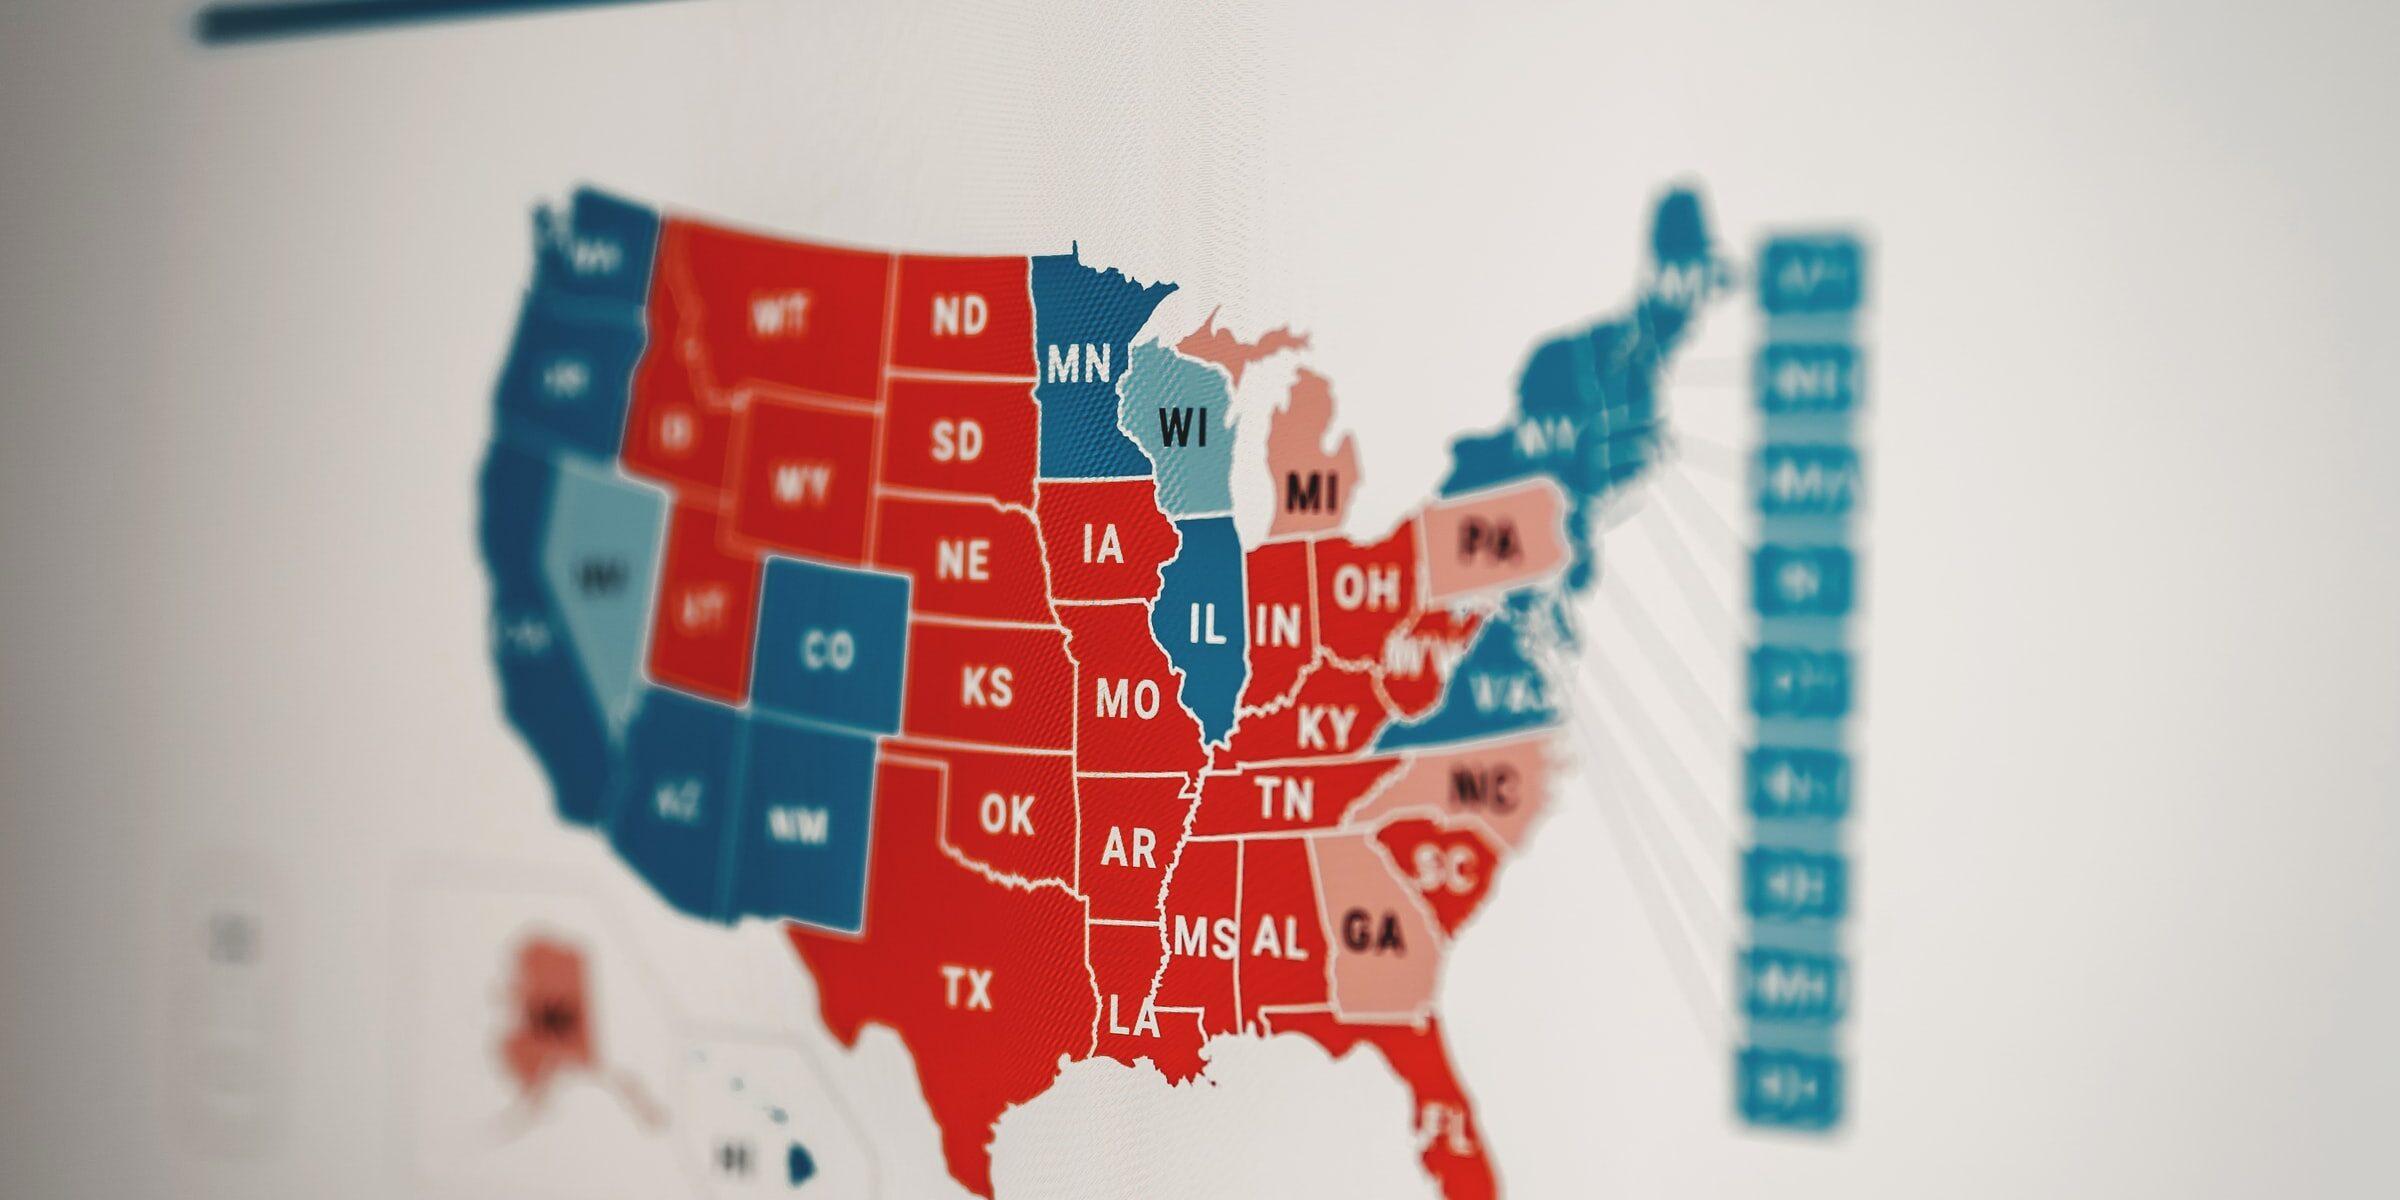 Graafinen visualisointi äänten jakautumisesta osavaltioittain USA:n presidentinvaaleissa 2020